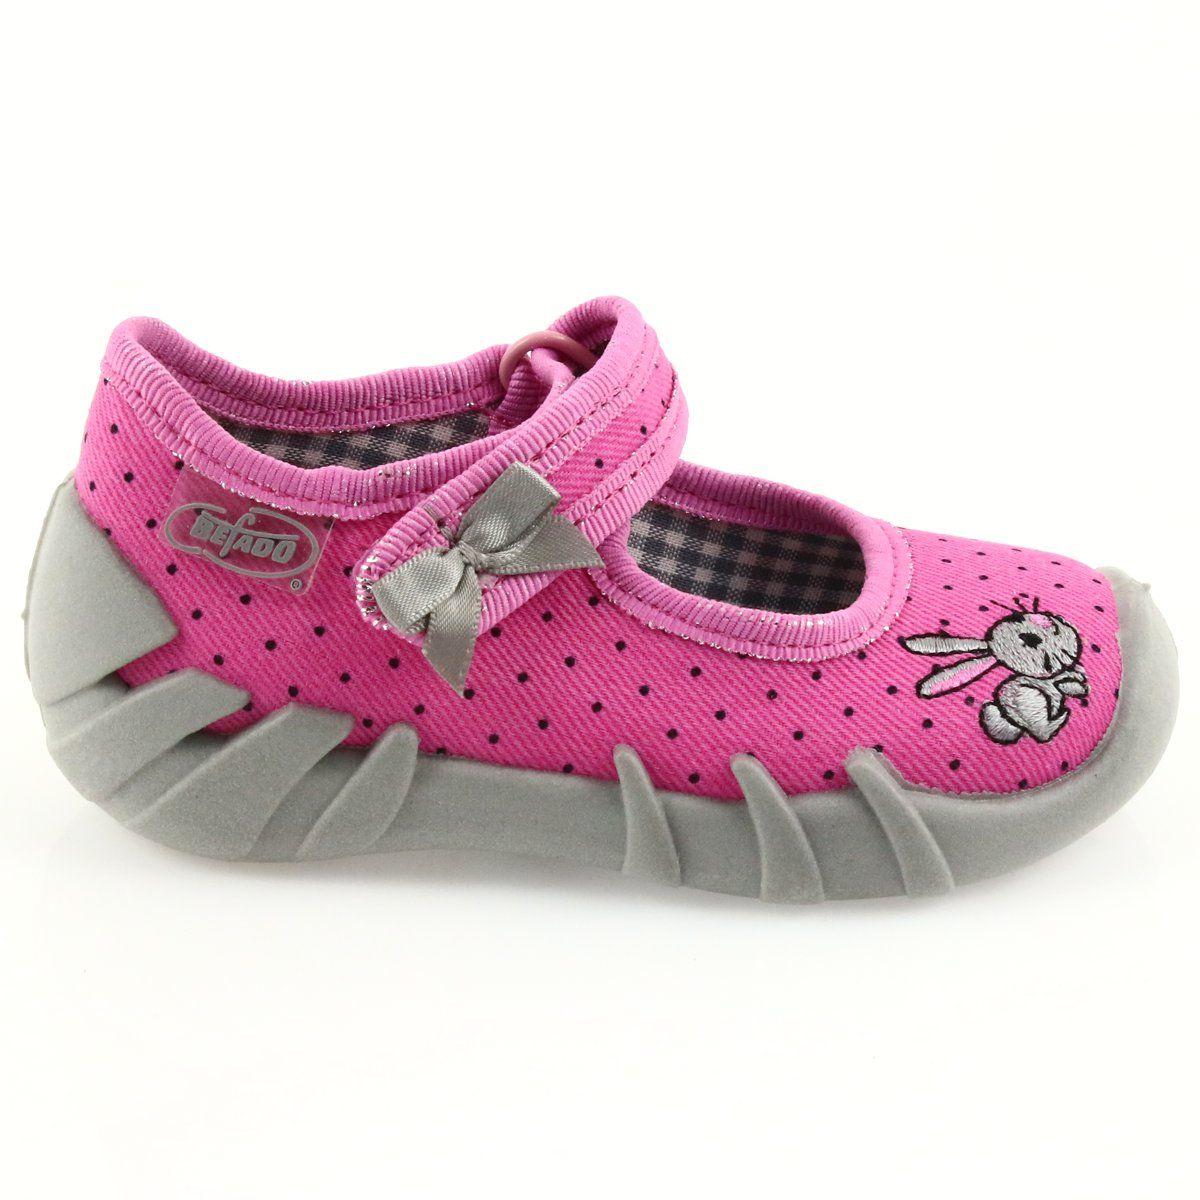 Befado Buty Dzieciece Kapcie Balerinki 109p169 Czarne Szare Rozowe Baby Shoes Shoes Kids Shoes